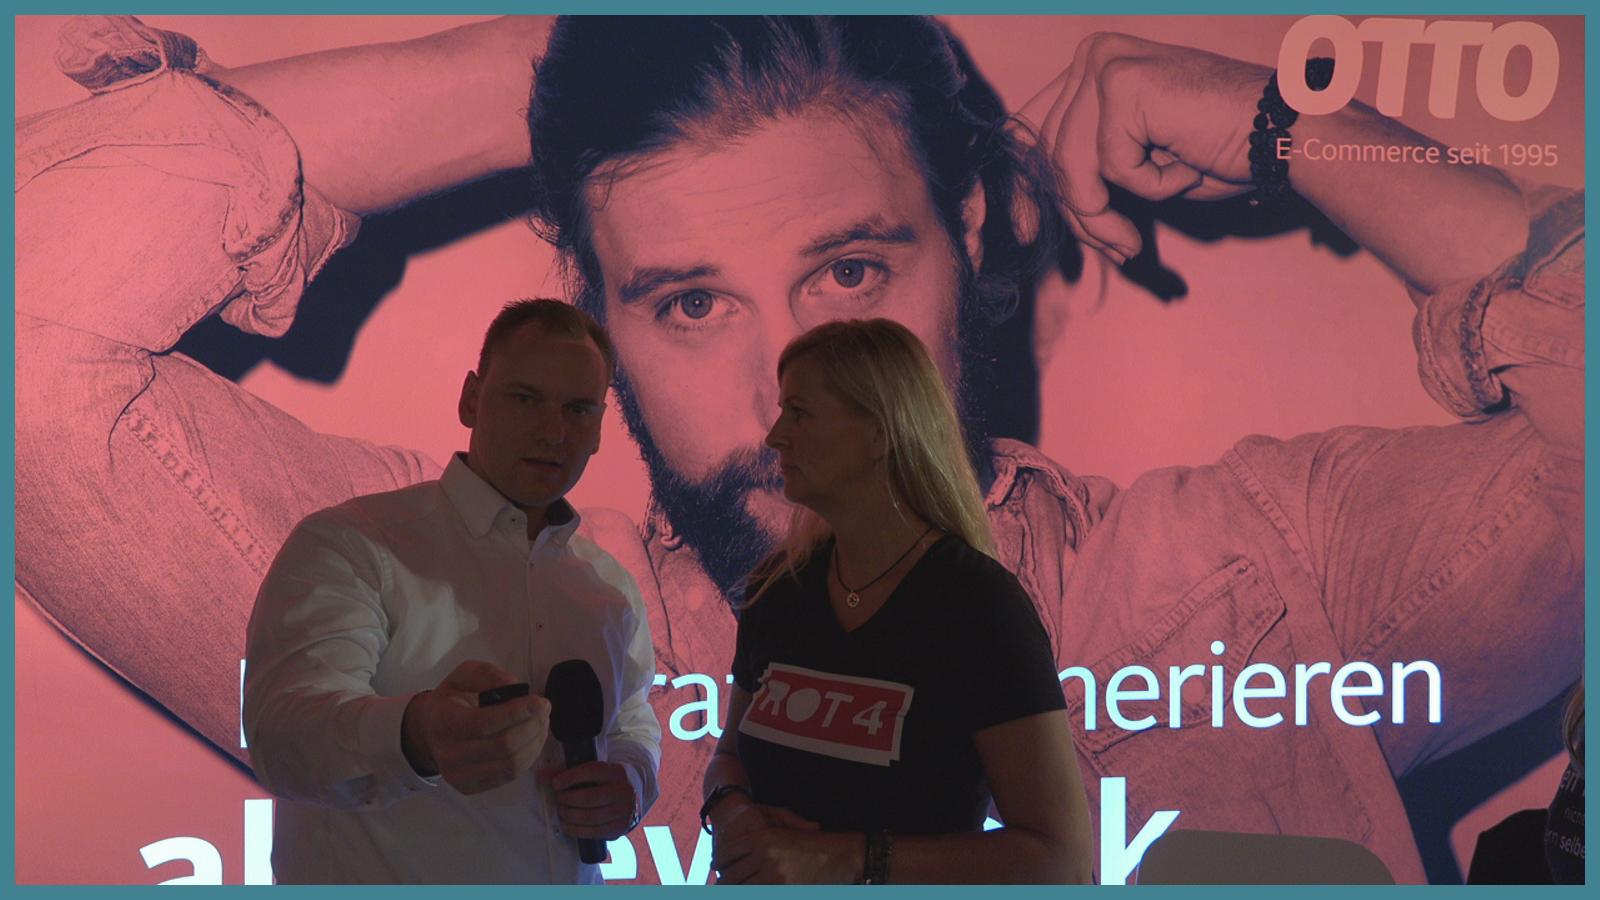 ... und gewinnen Nicole Heinrich, verantwortlich für Ausbildung & HR Marketing für ein aufschlussreiches Interview!